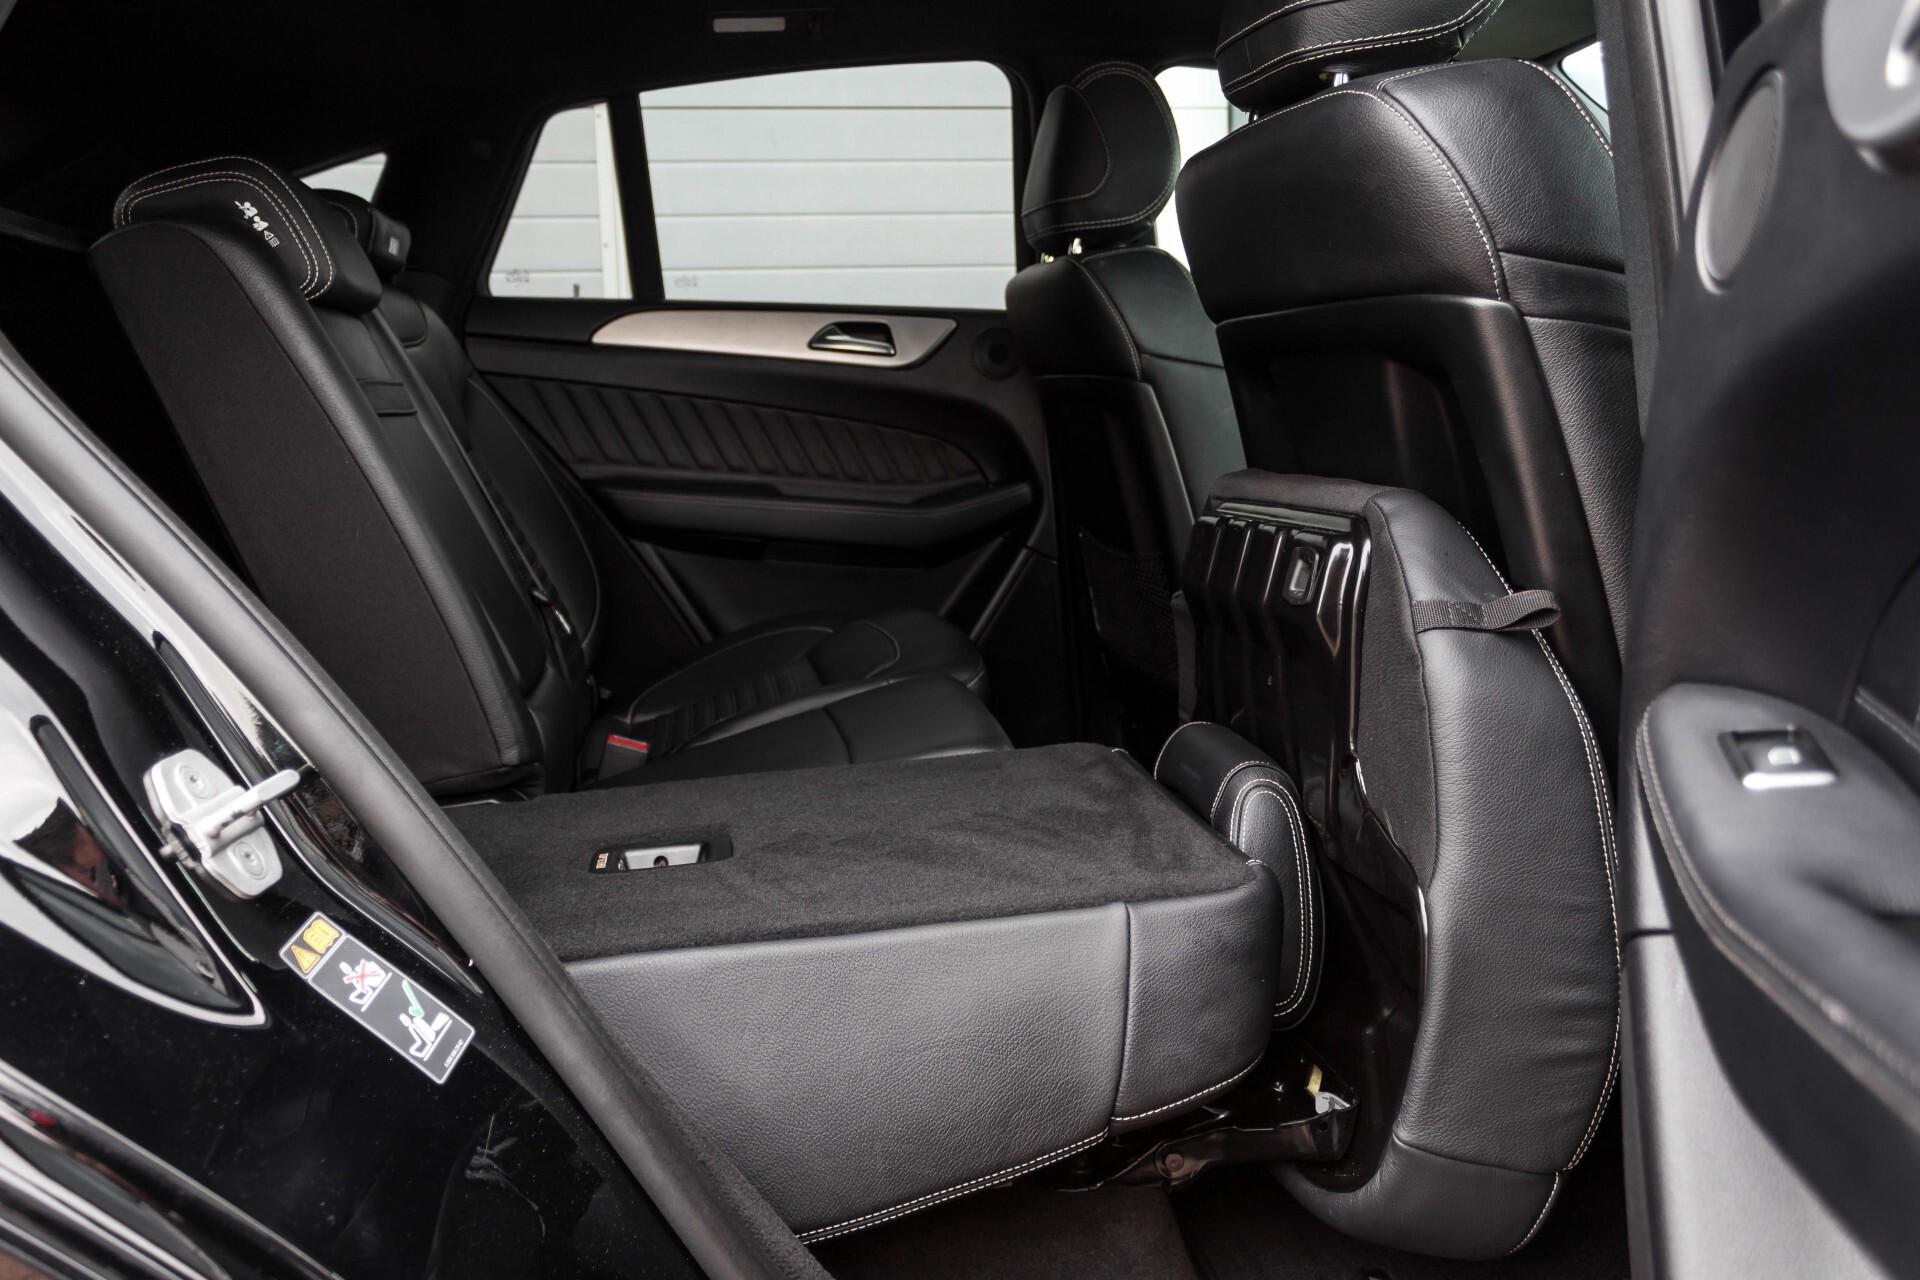 Mercedes-Benz GLE Coupé 350 d 4-M AMG Luchtvering/Distronic/Panorama/Mem/Trekhaak Aut9 Foto 6